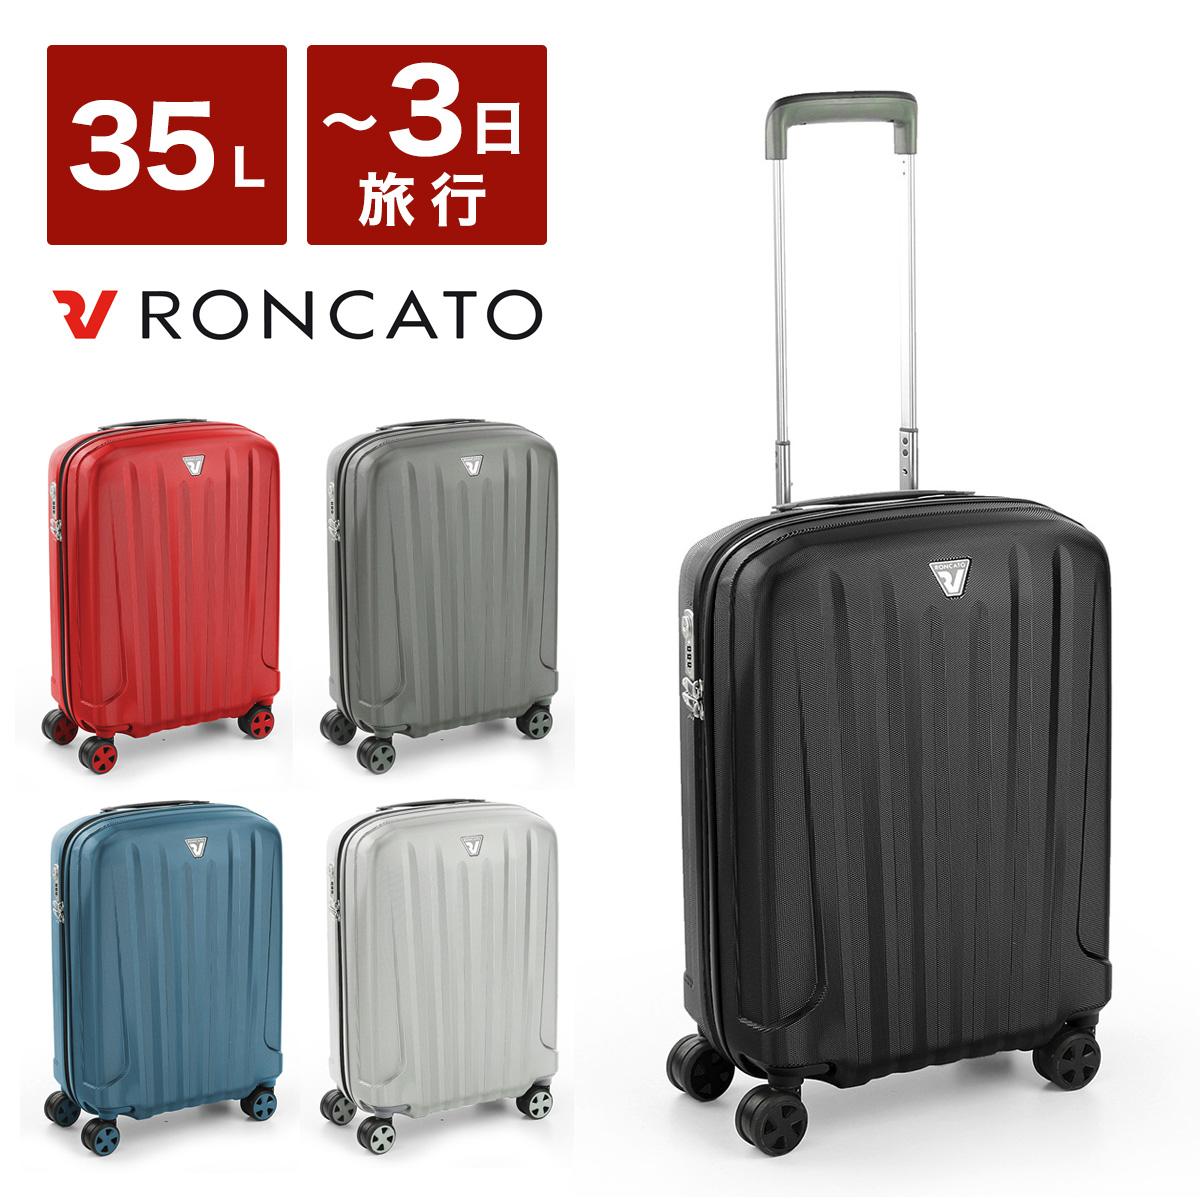 ロンカート スーツケース イタリア製 UNICA 5613 51cm RONCATO ユニカ ハード キャリーケース 軽量 機内持ち込み TSAロック搭載 10年保証【PO10】